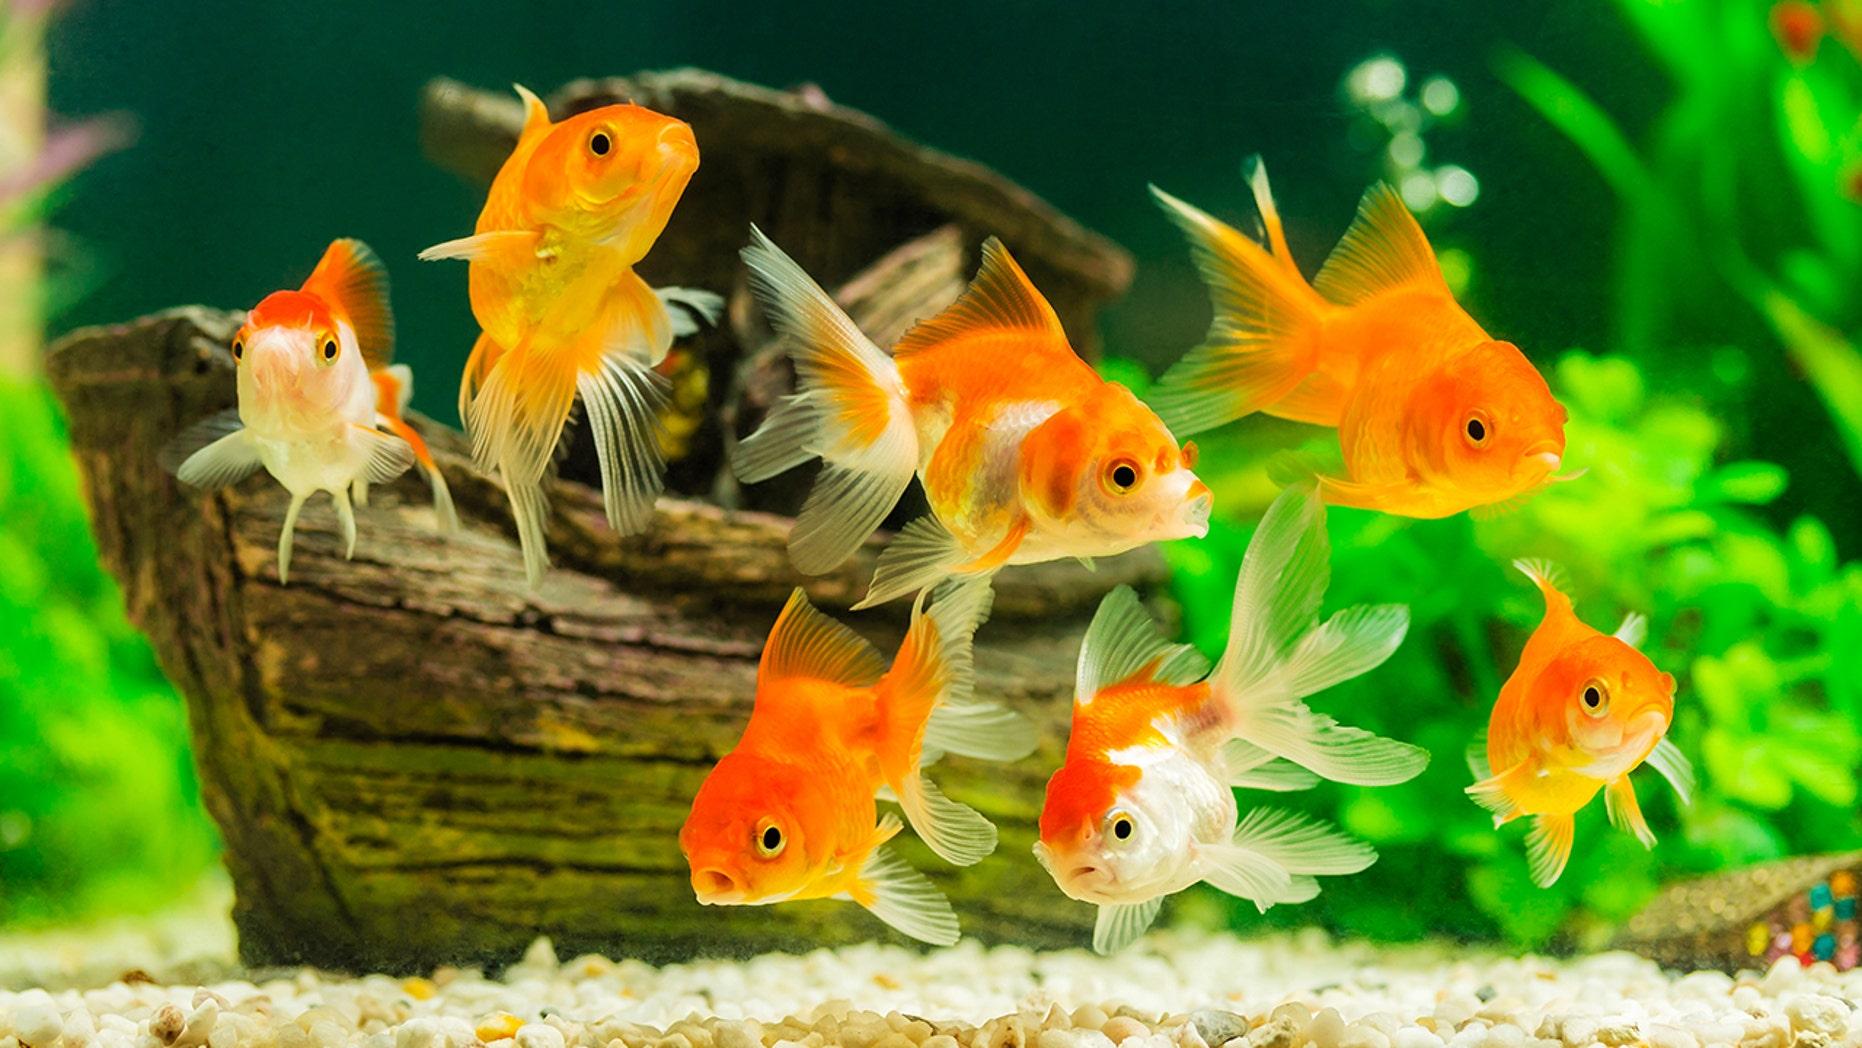 The Paris Aquarium is providing sanctuary to unwanted pet goldfish.